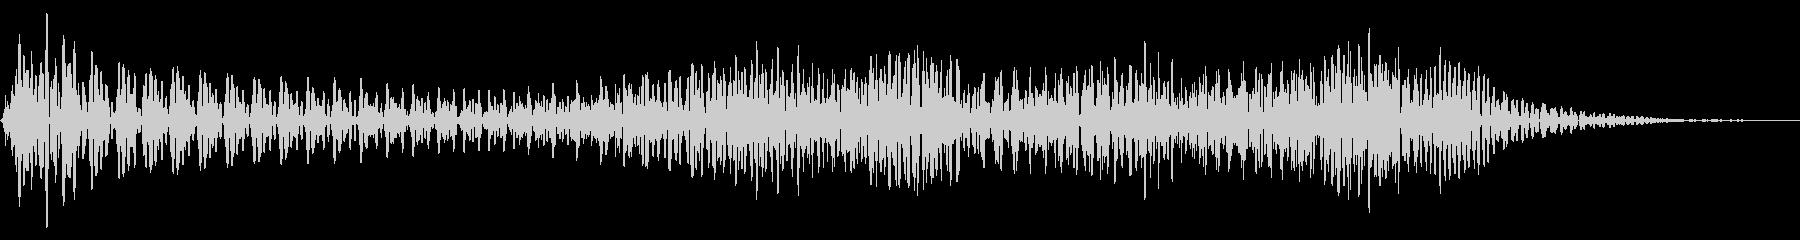 ドゥーン 上昇 ウッドベースの未再生の波形